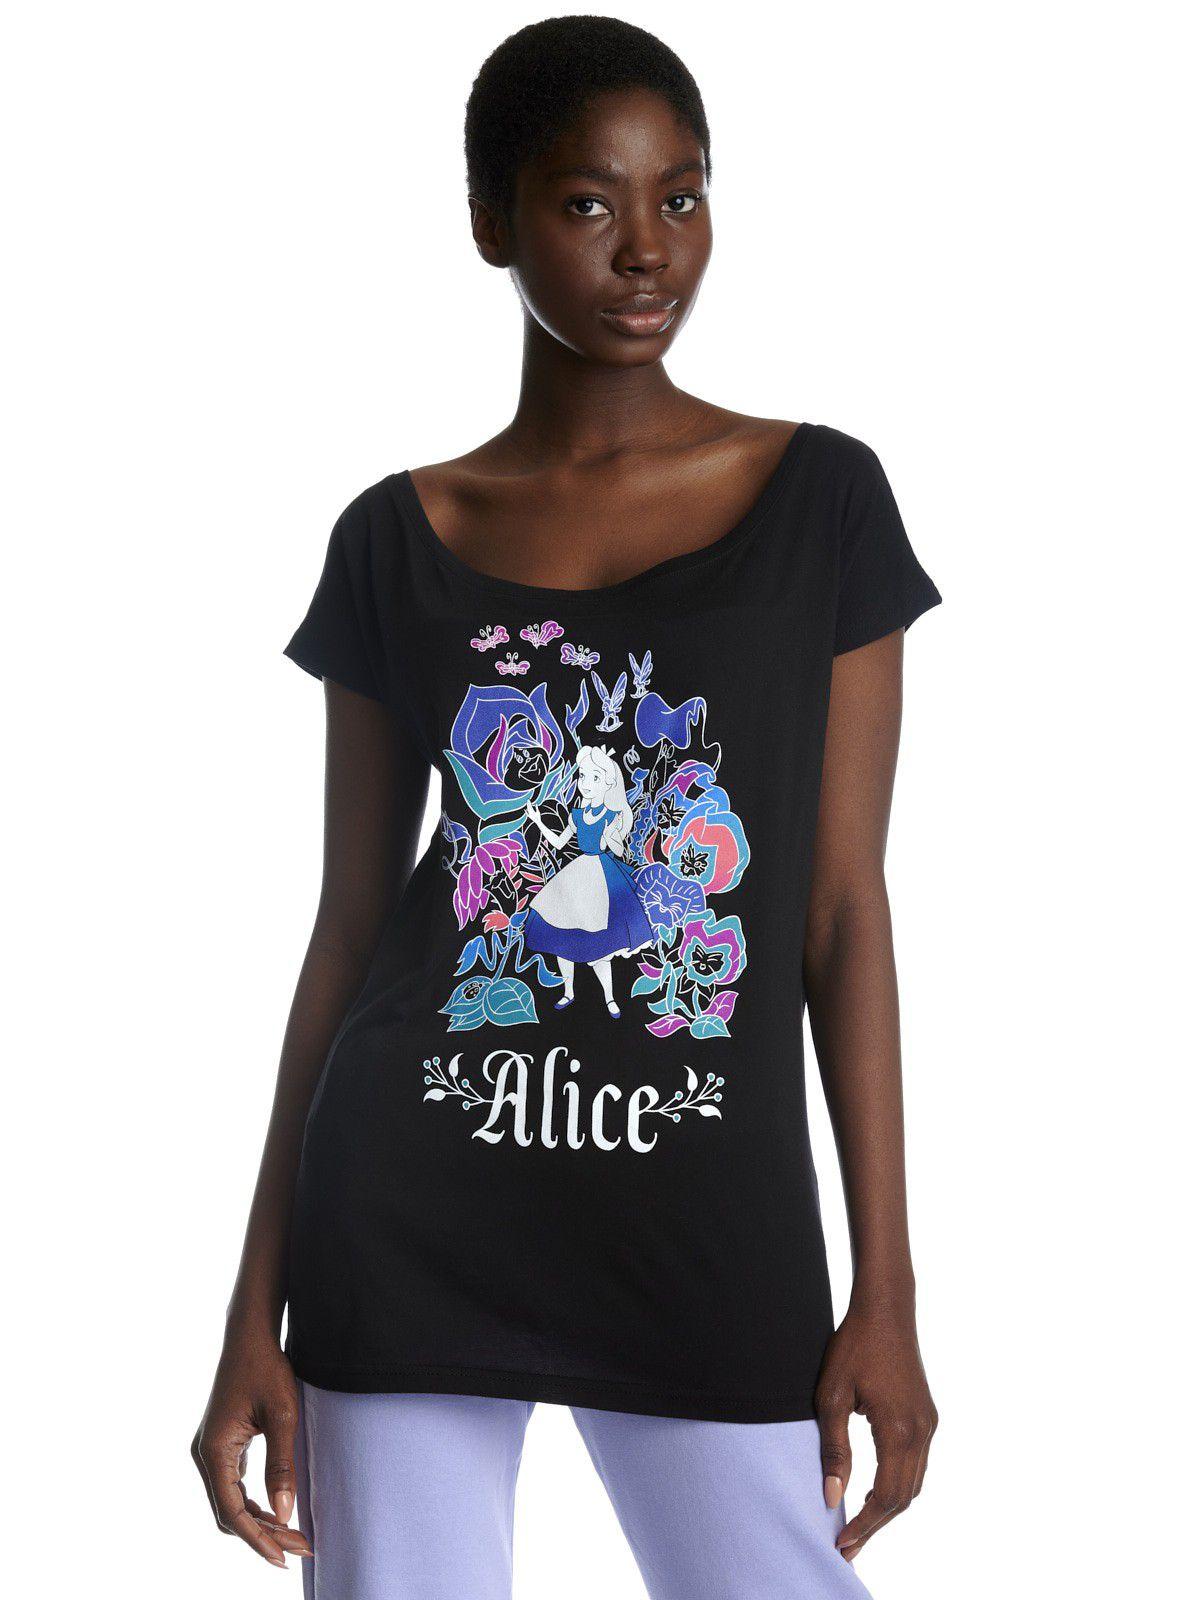 NP39202_tee-shirt-alice-au-pays-des-merveilles-fairy-tales